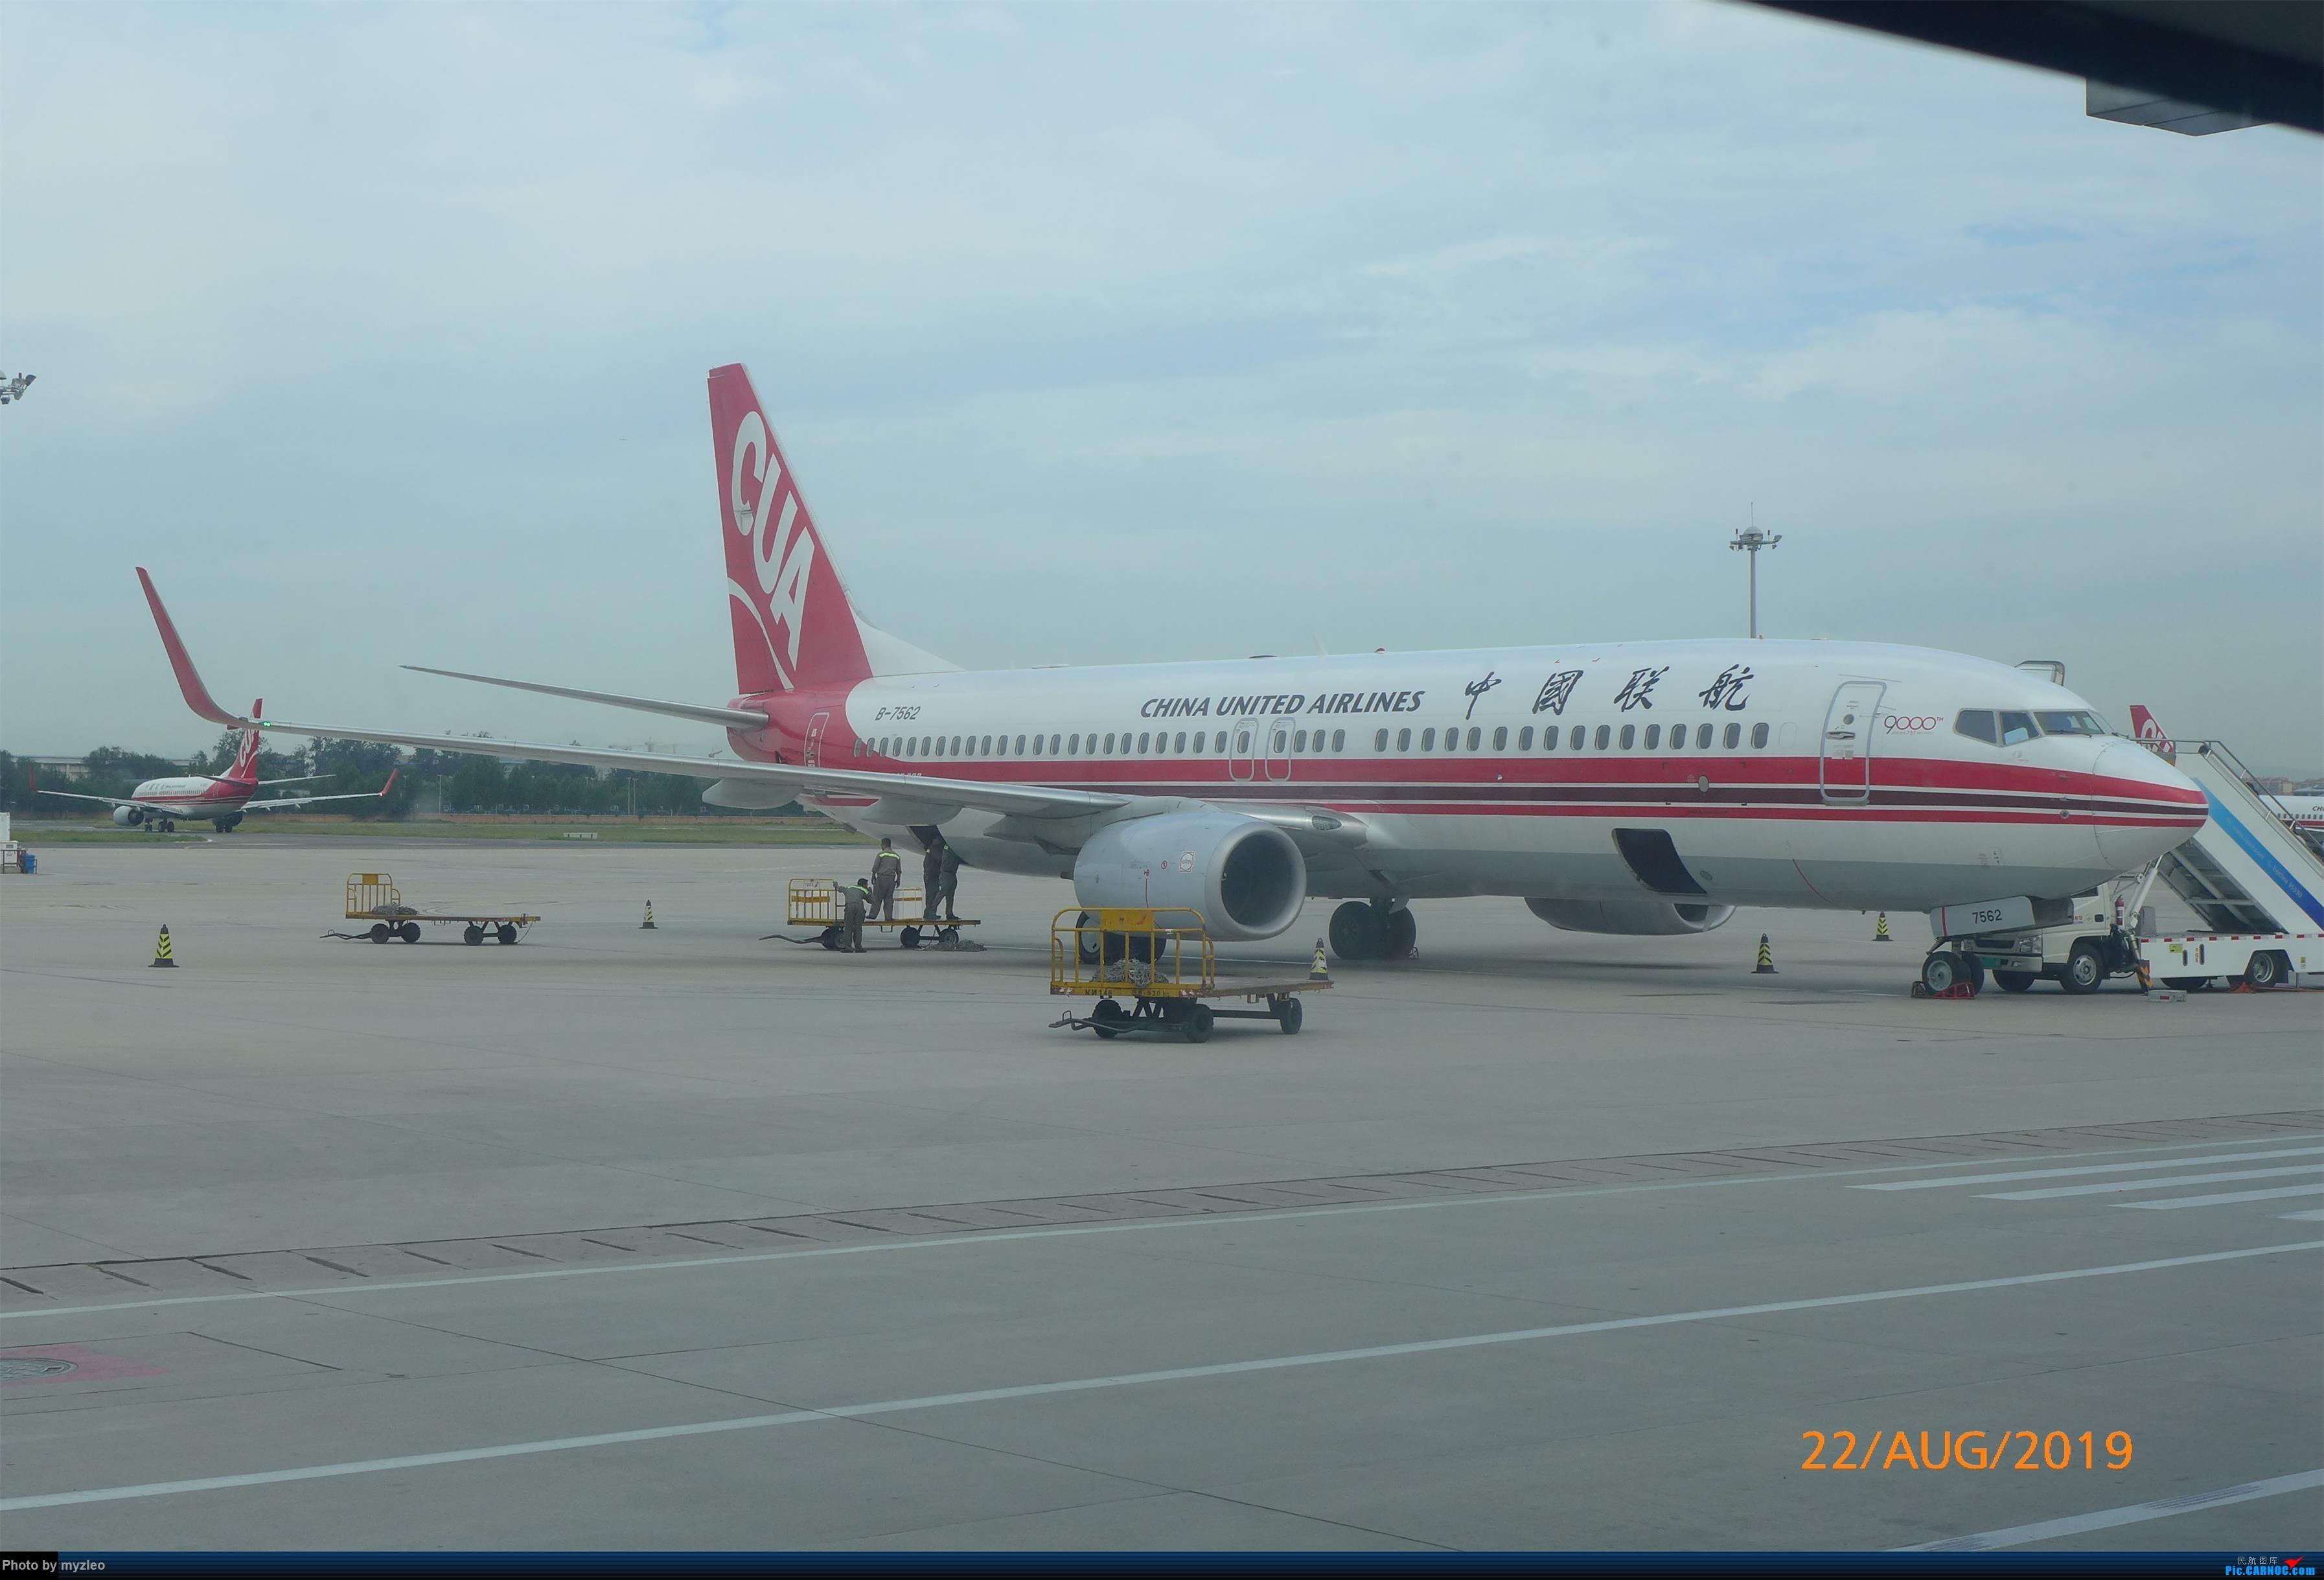 Re:[原创]【myzleo的游记5.2】梦圆一九(2)首访南苑把梦圆,初搭巴航连新缘 BOEING 737-800 B-7562 中国北京南苑机场